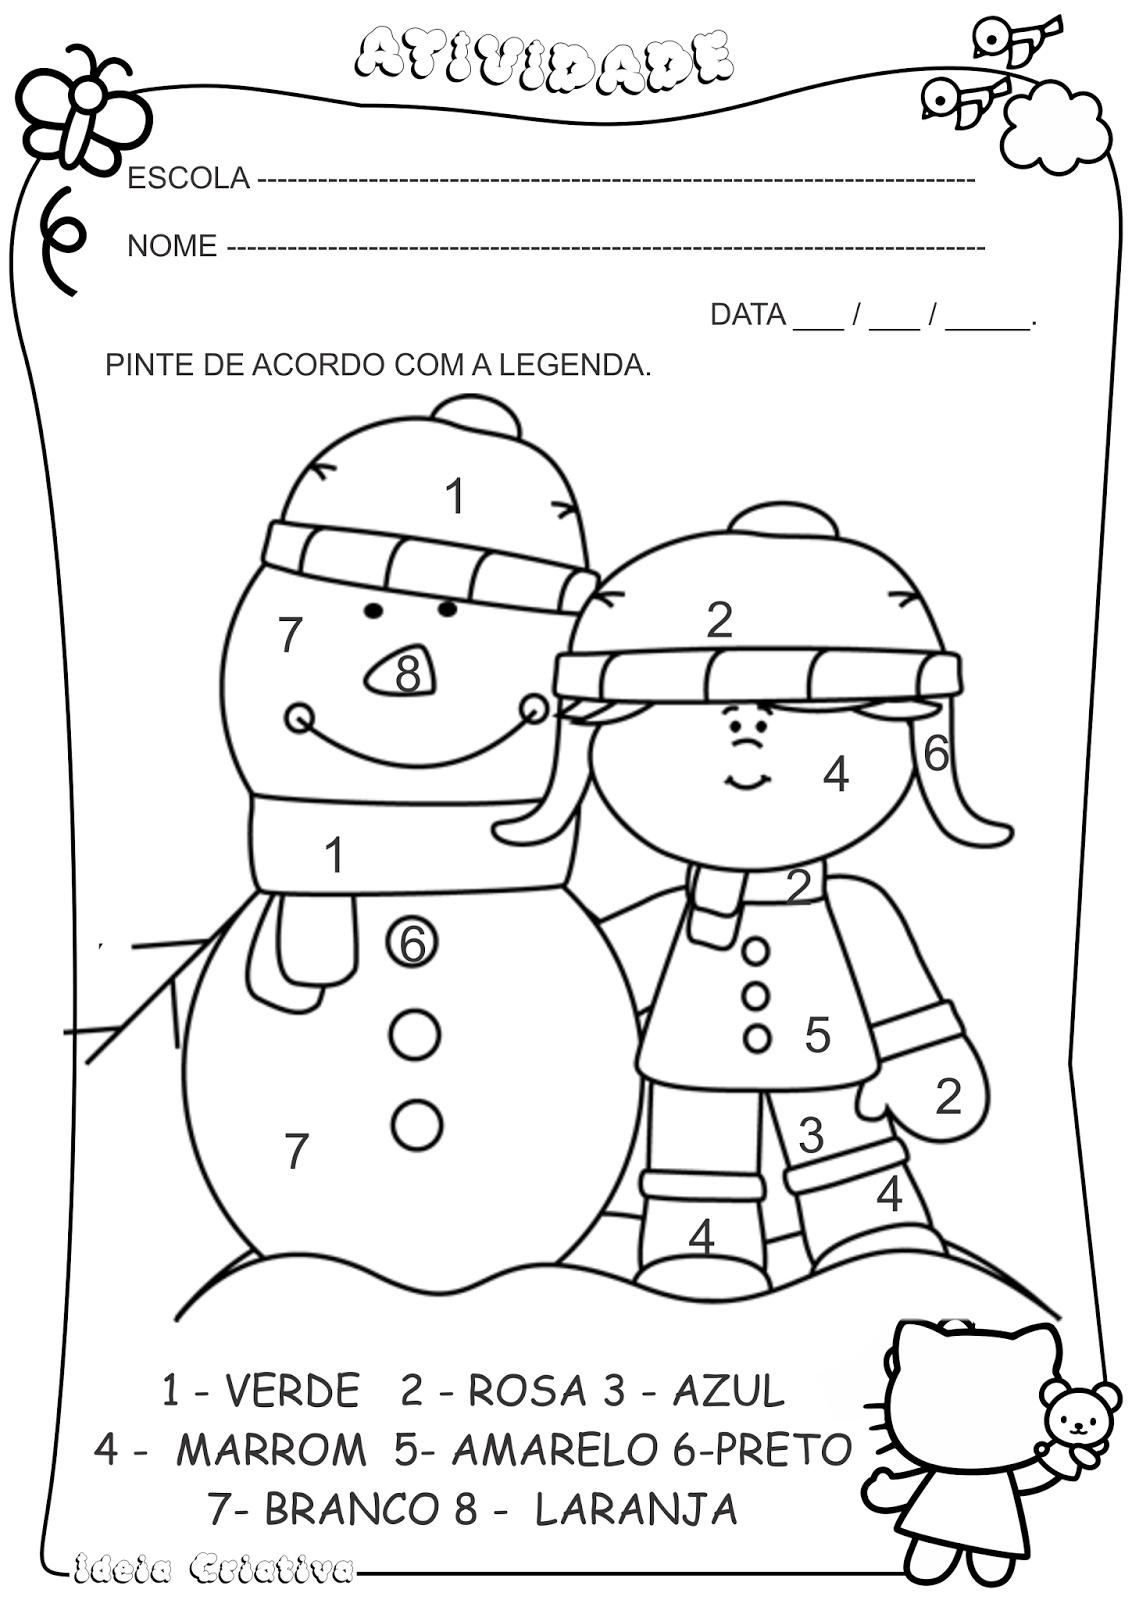 Atividade Pintura Legendada Inverno Menina Boneco de Neve | Inverno ...